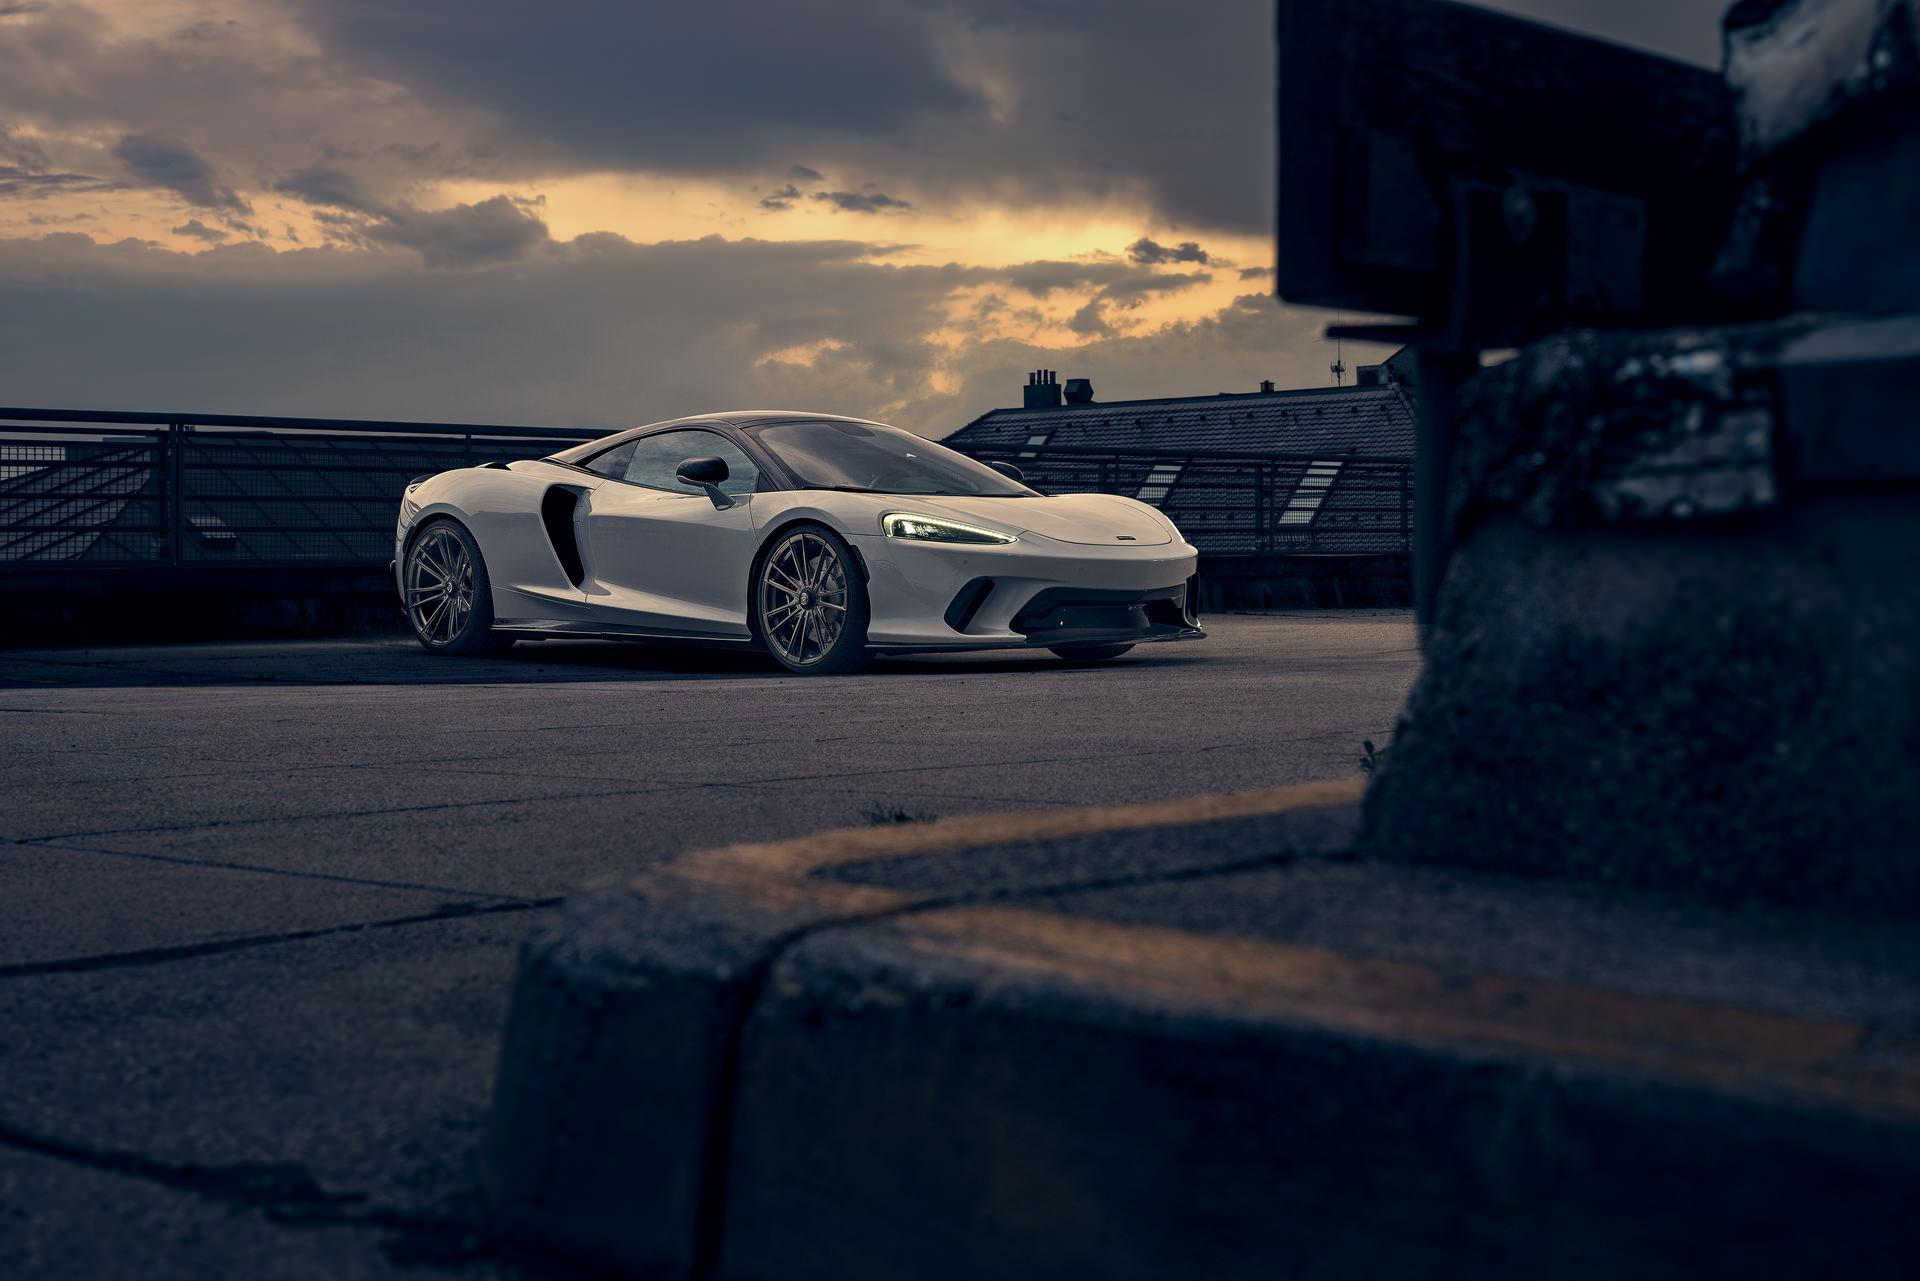 Novitec Torado подготовил новый тюнинг McLaren GT   фото, видео